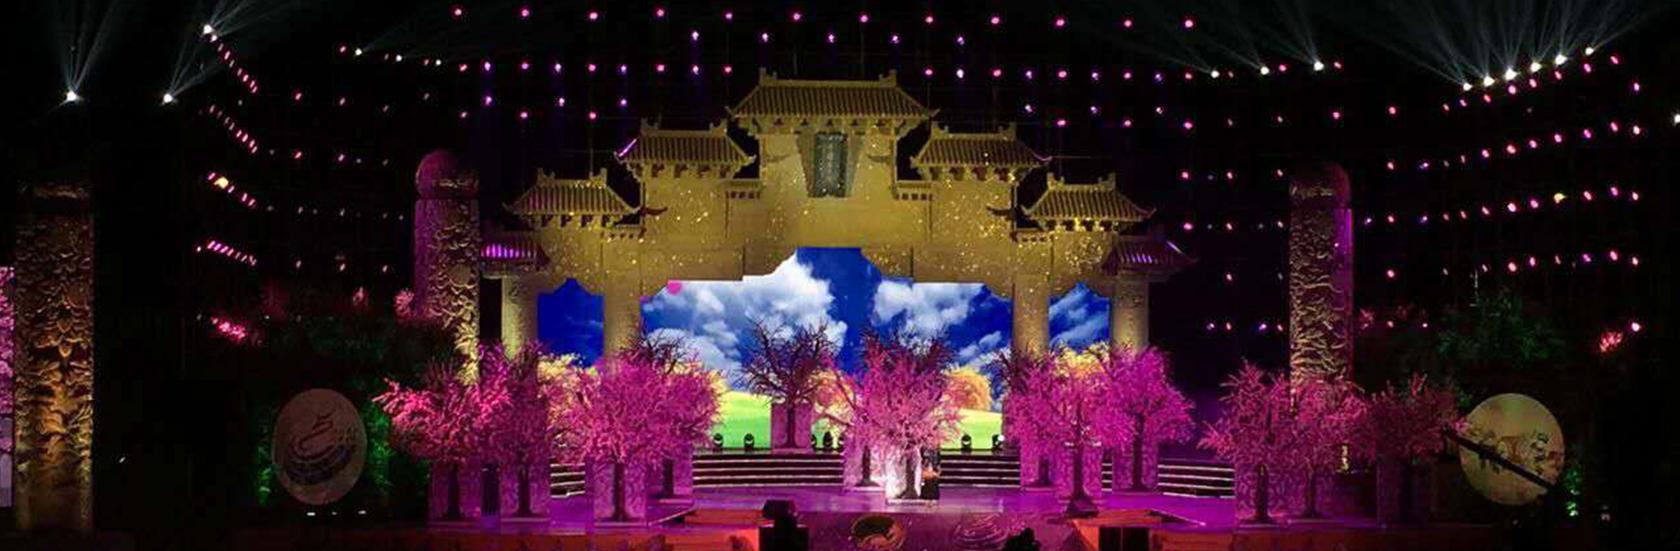 昆明舞台灯光音响出租安装施工的顺序思路